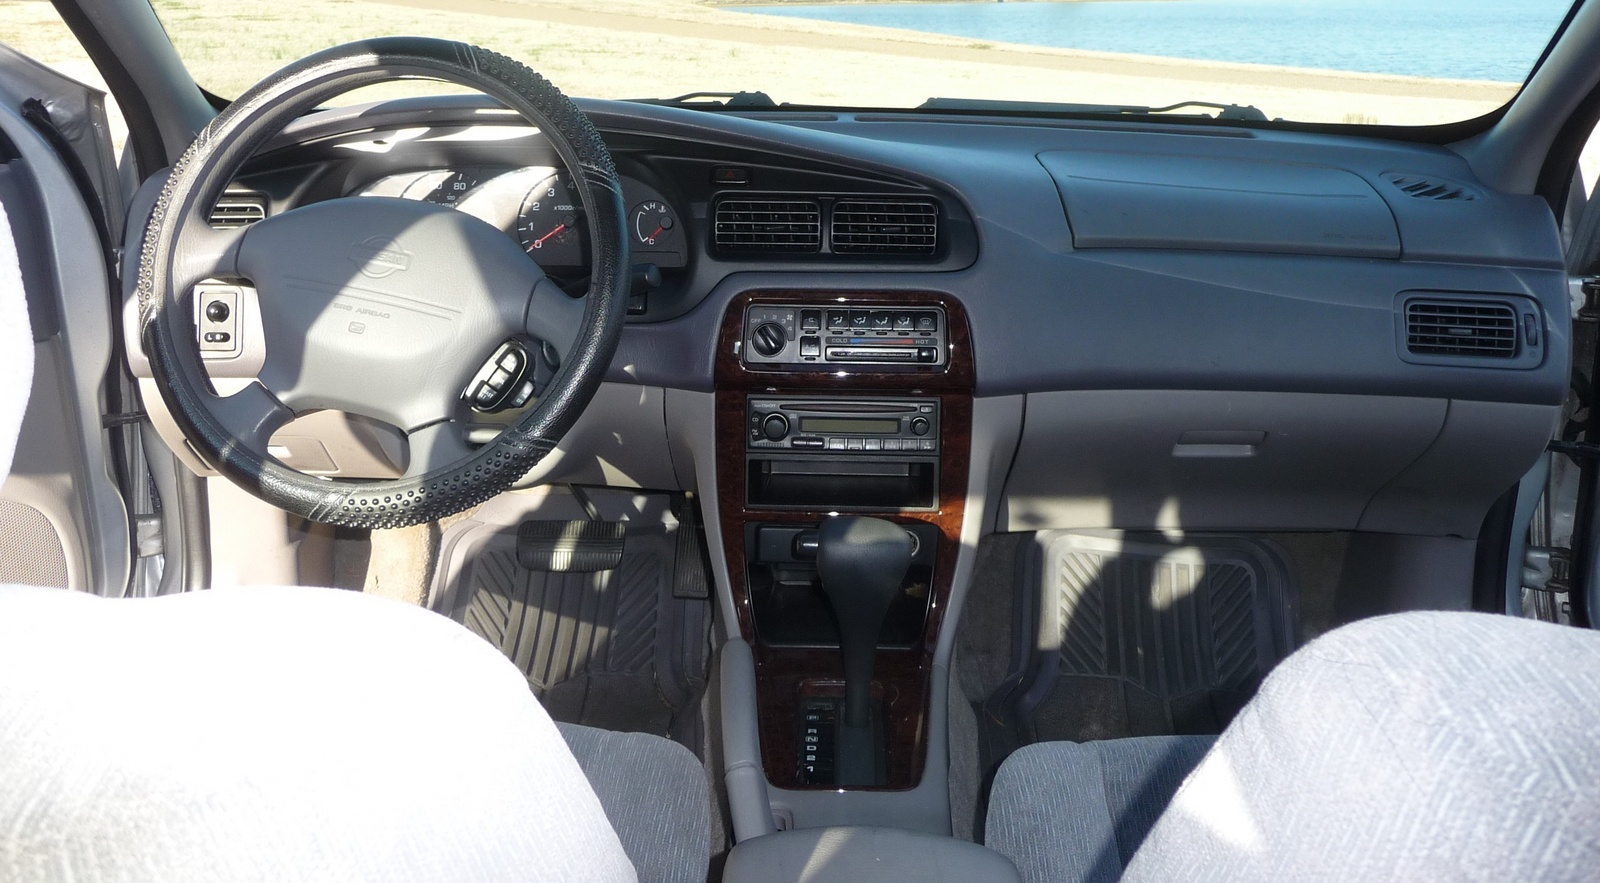 2001 Nissan Altima Interior Pictures Cargurus